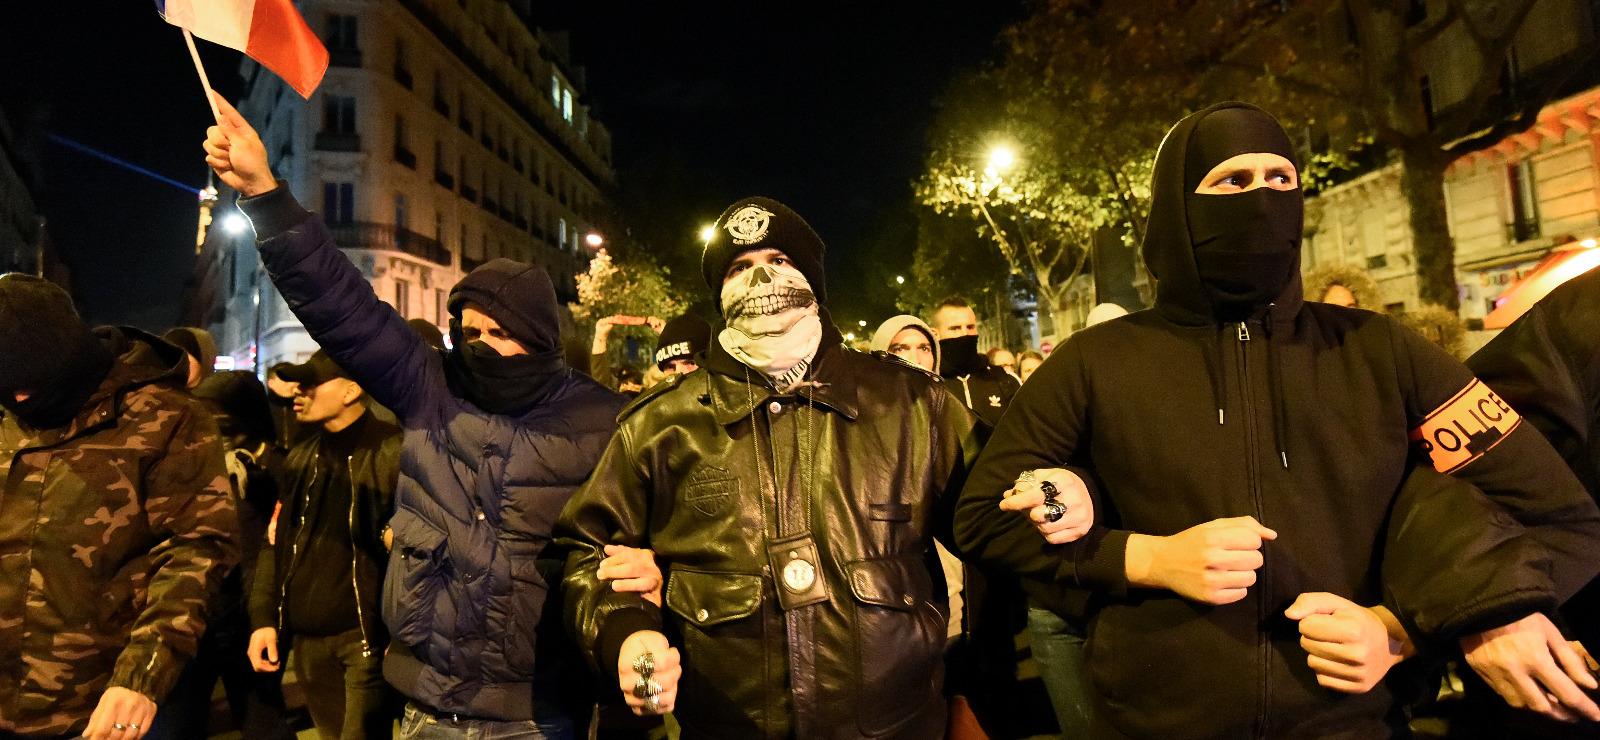 Une nuit avec les flics